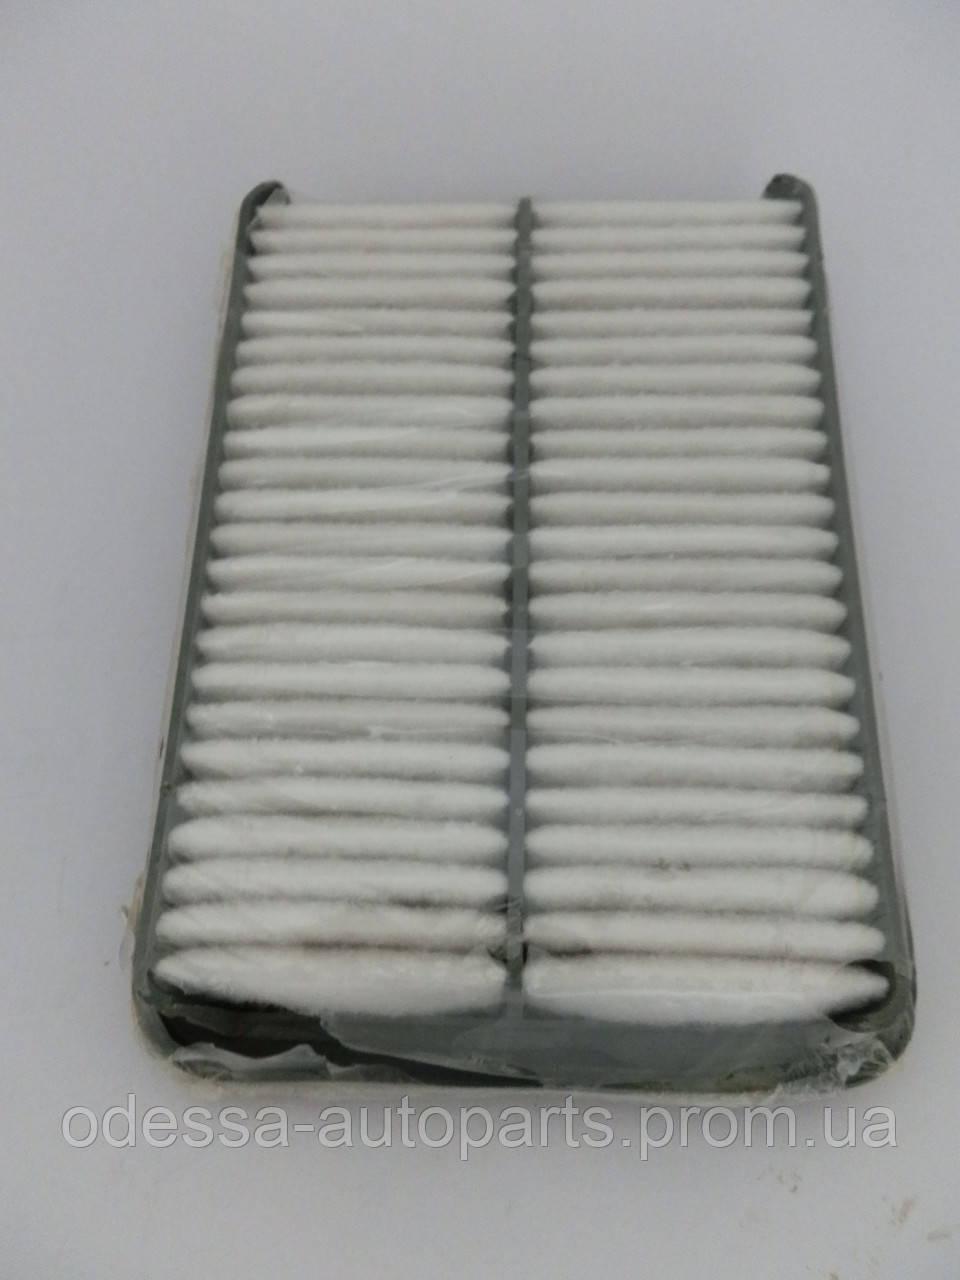 Фильтр воздушный Geely CK - Odessa-Parts - запчасти и аксессуары на Chery,Geely,Lifan,BYD,Daewoo,Hyundai,Kia,Chevrolet в Одессе